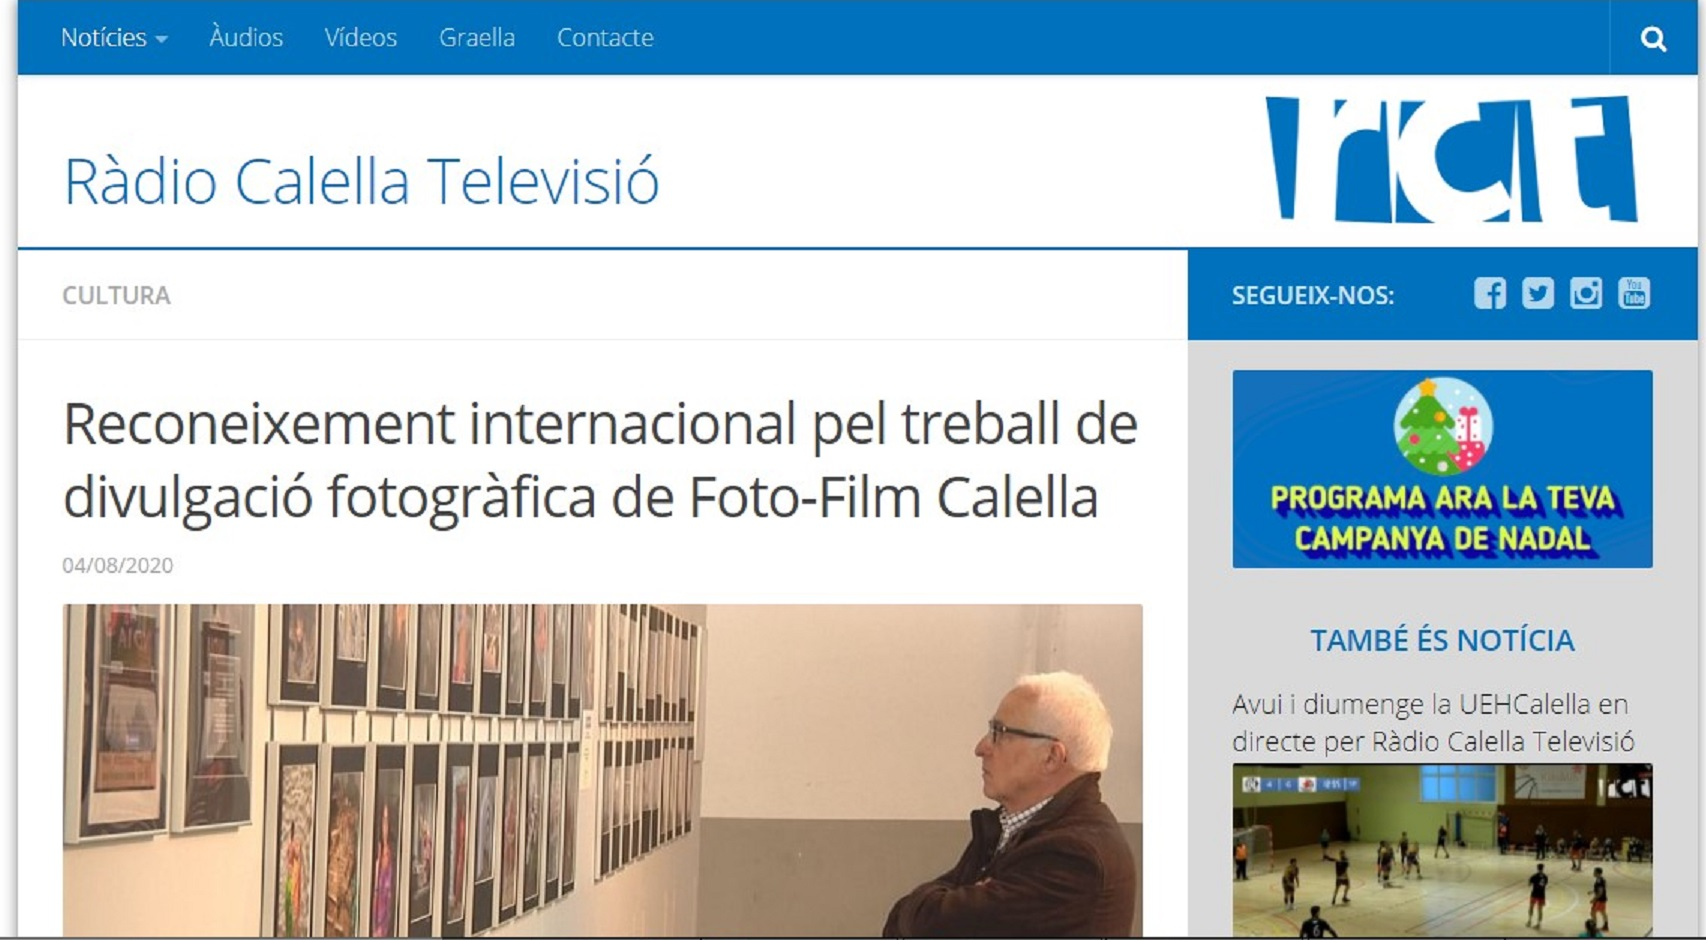 Foto-Film Calella en Radio Calella TV - 04/08/2020 gabinete de prensa